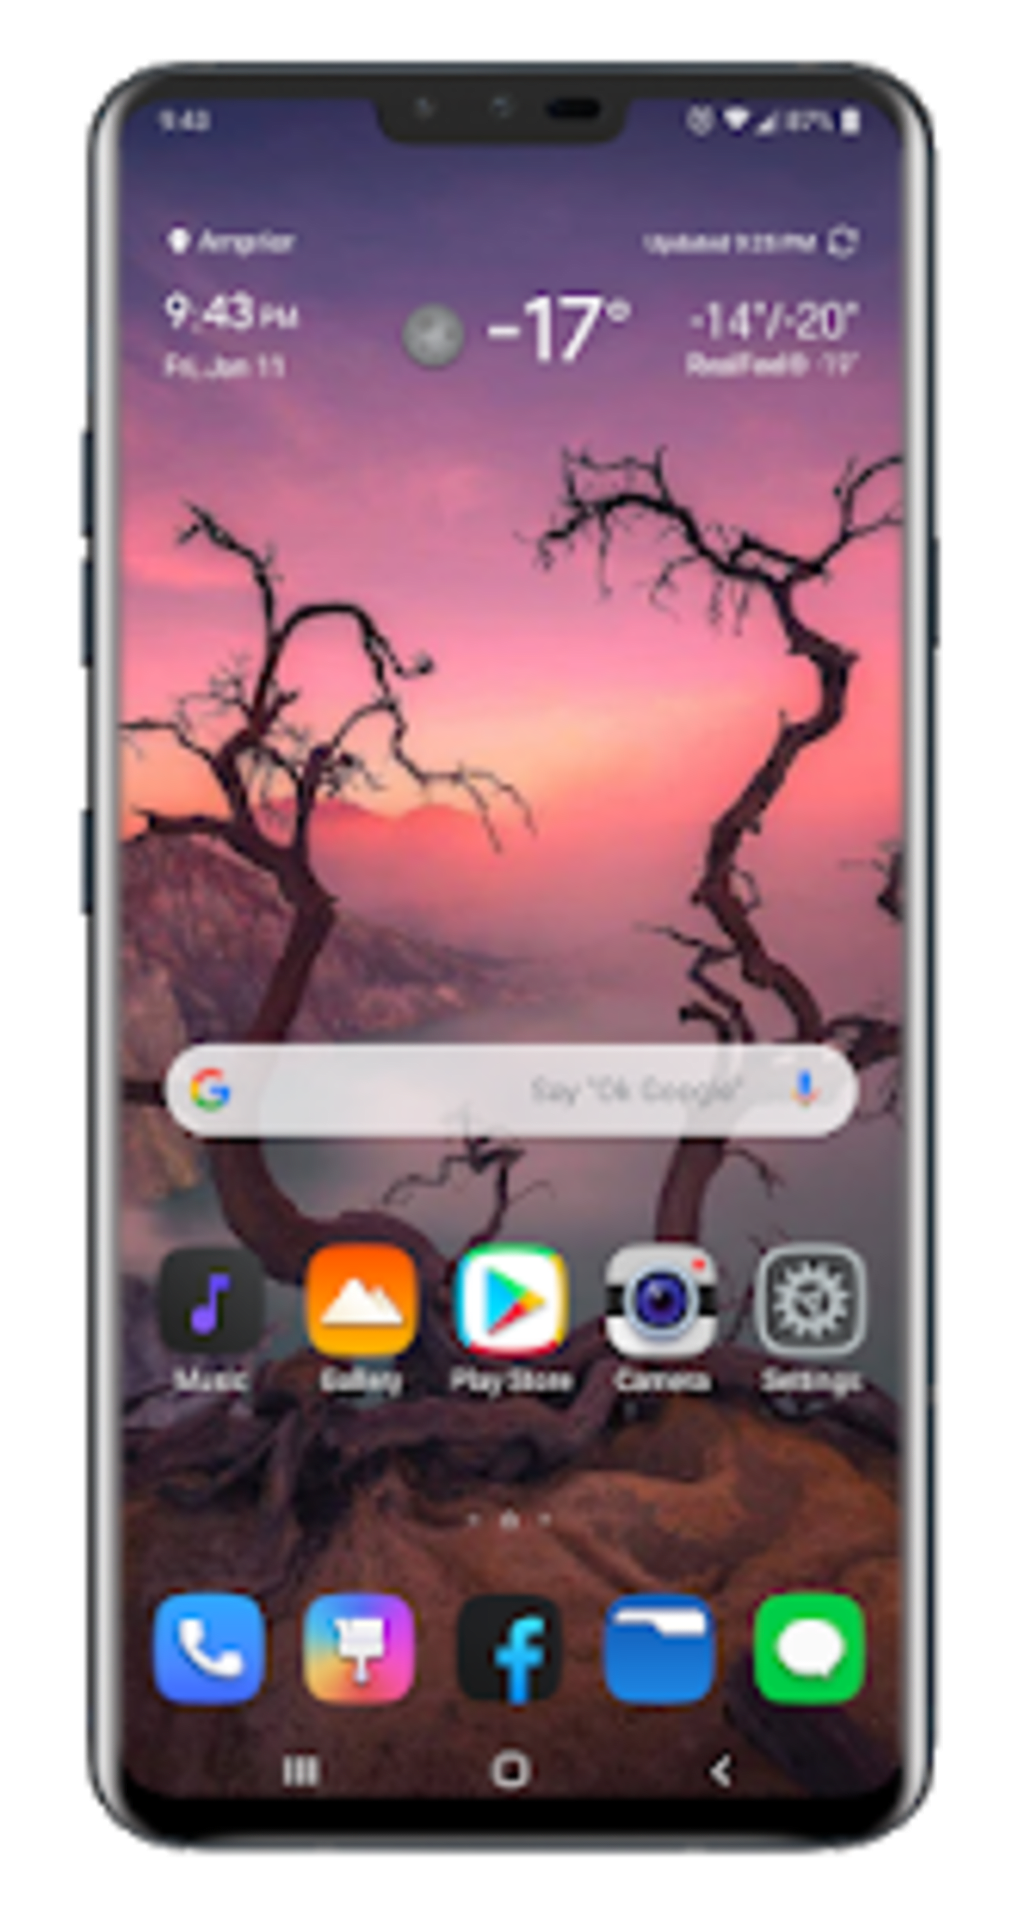 Twilight Theme for LG V20 LG G6 LG V30 LG G5 for Android - Download